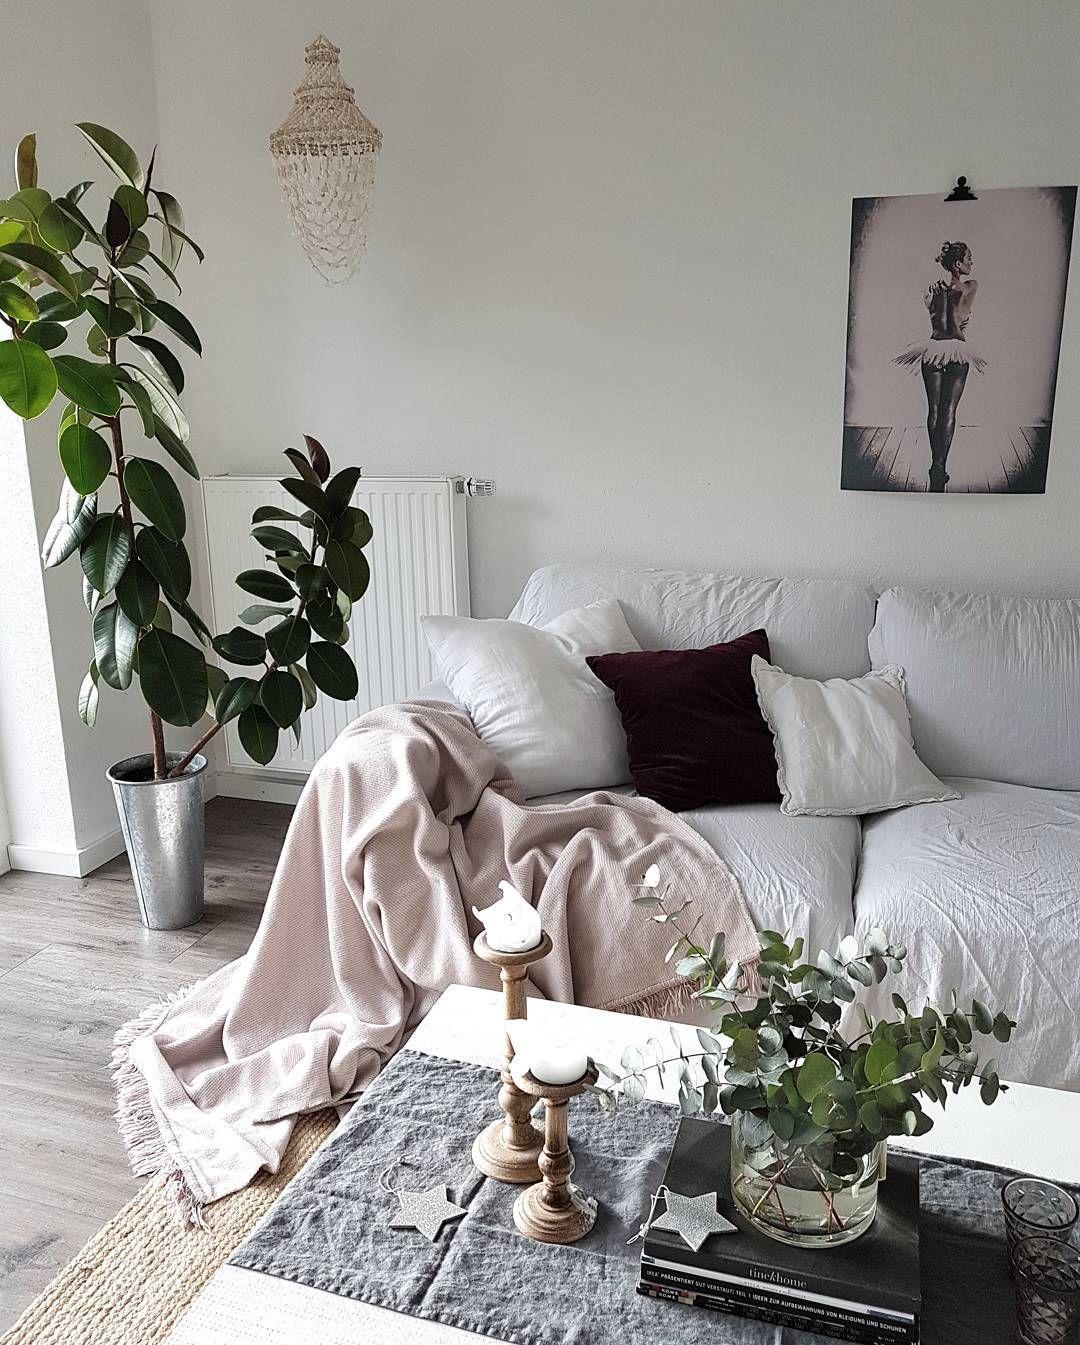 Decke Rosa Wohnzimmer Einrichtung Wohnen Kuscheldecke Deckchen